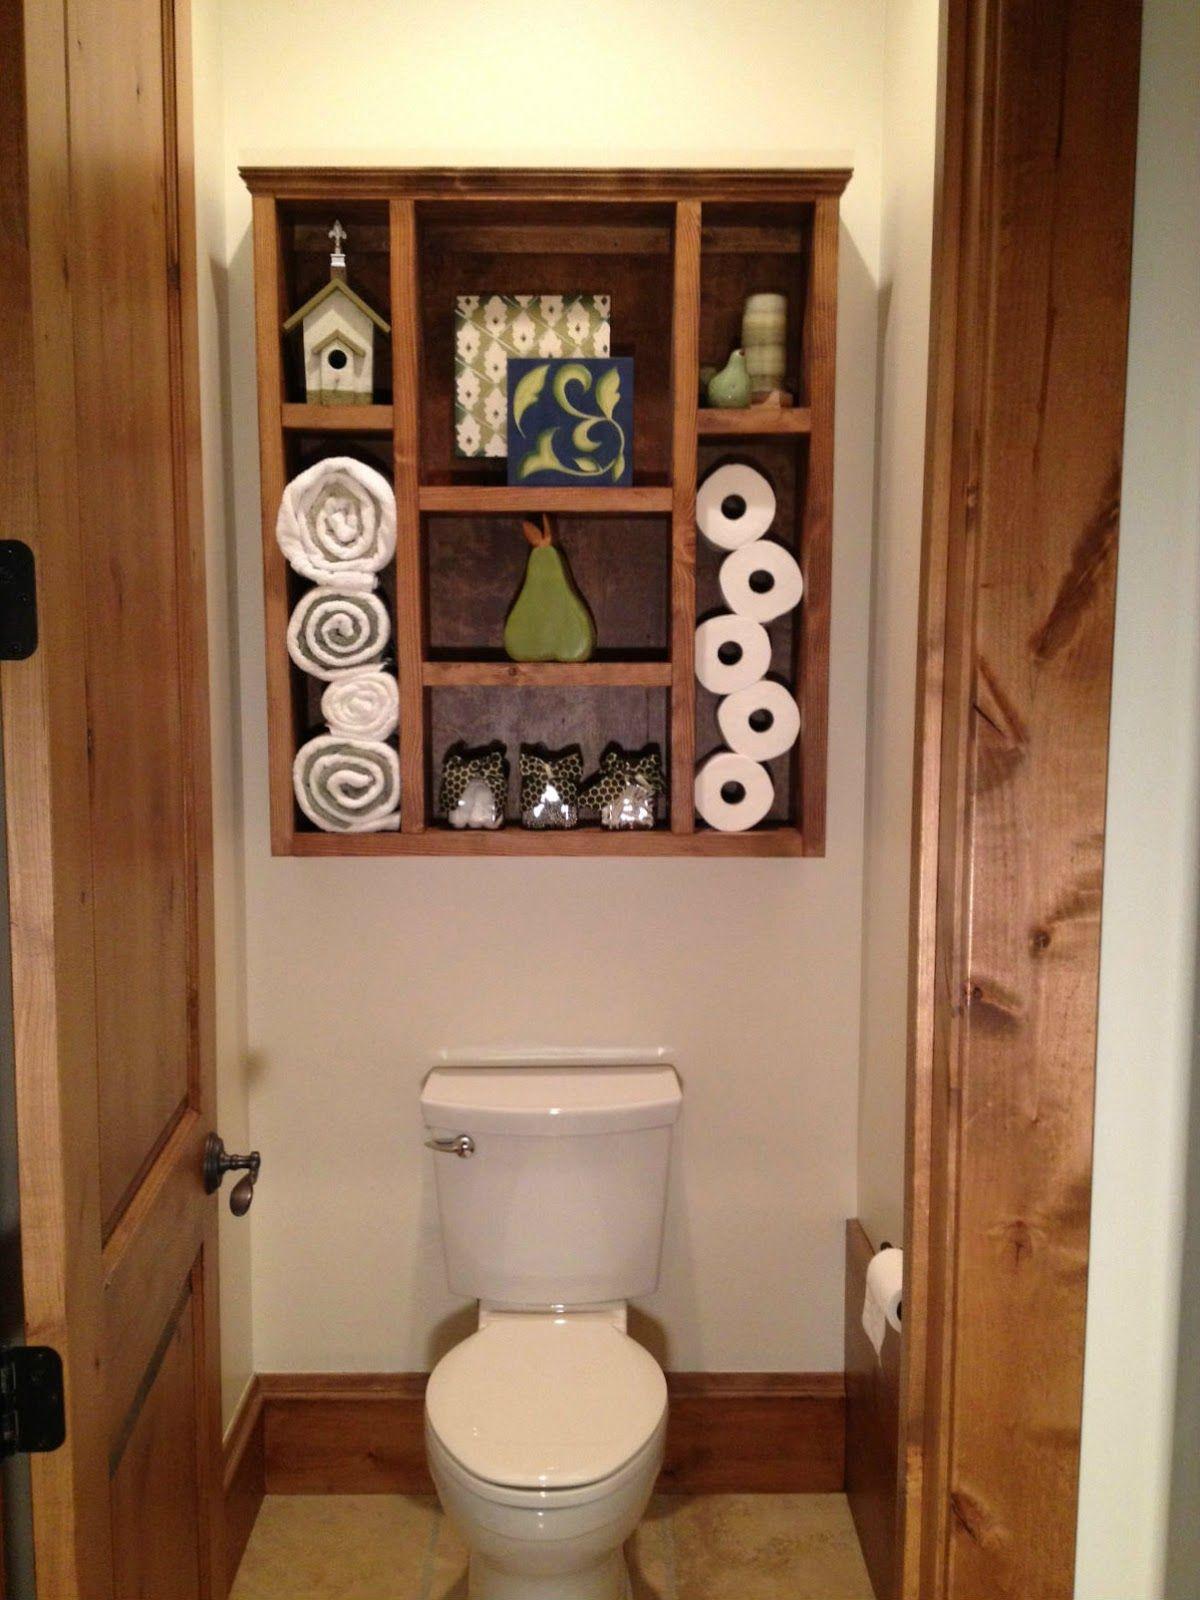 Badezimmer, Aus Alt Mach Neu, Einrichtung, Rund Ums Haus, Runde,  Badezimmerregale Über Toilette, Badezimmerideen, Paletten Badezimmer,  Schrank Über Der ...